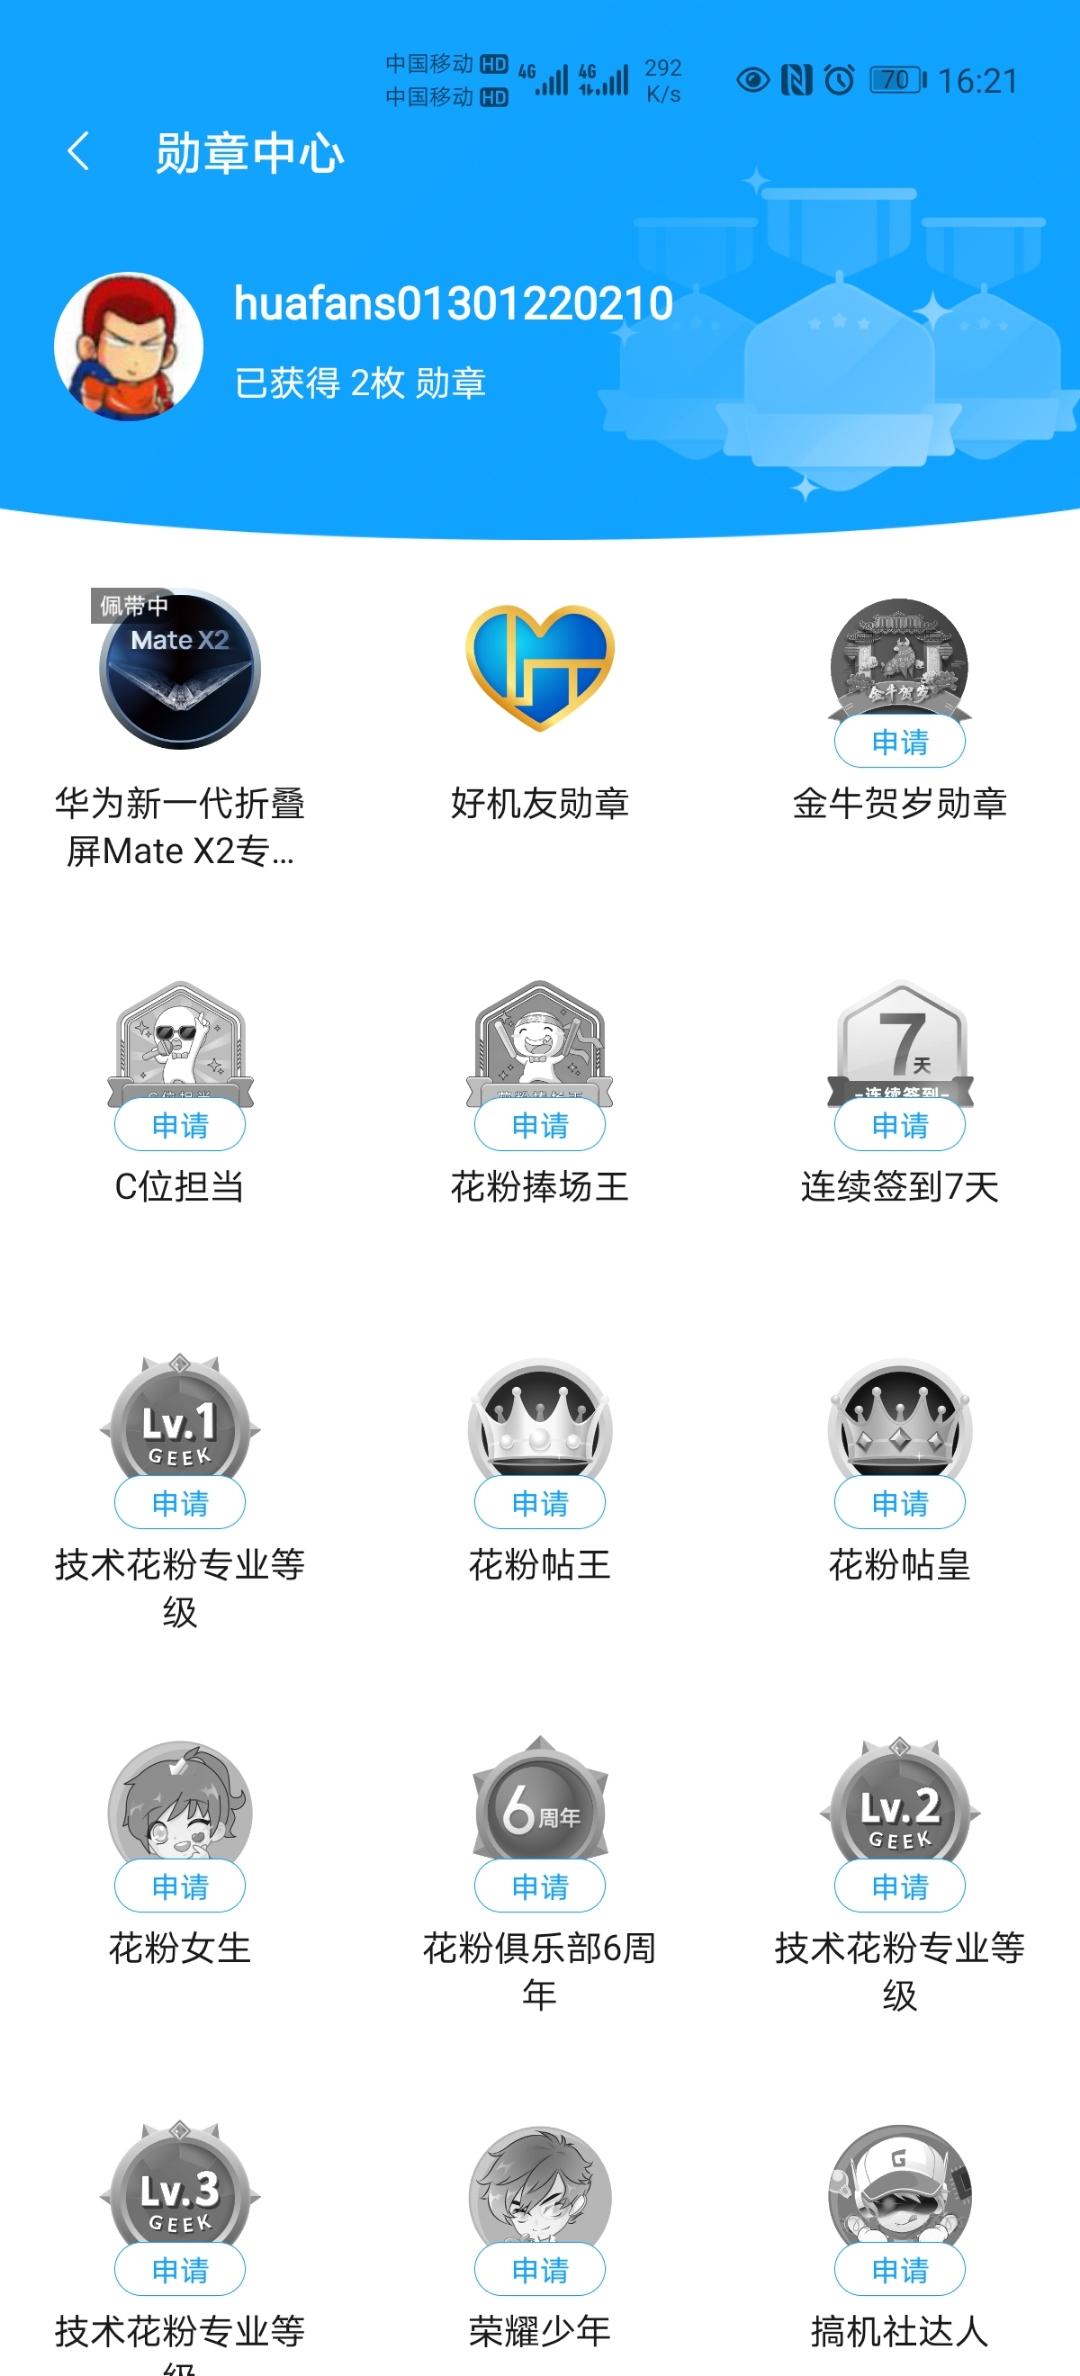 Screenshot_20210224_162111_com.huawei.fans.jpg